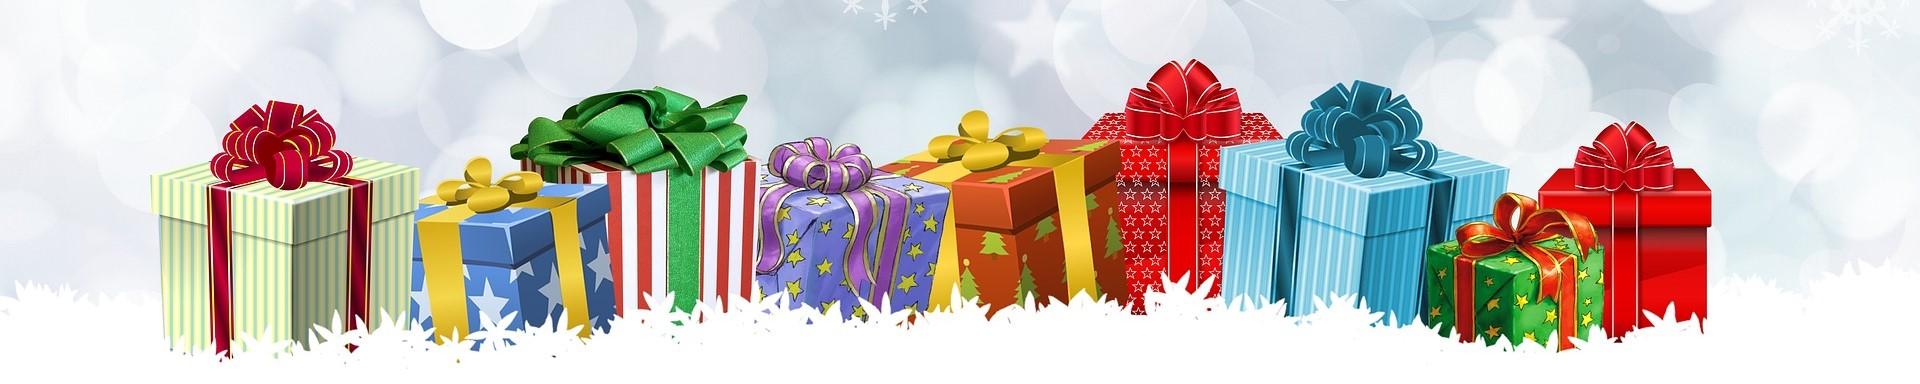 gift-3030279_1920.jpg